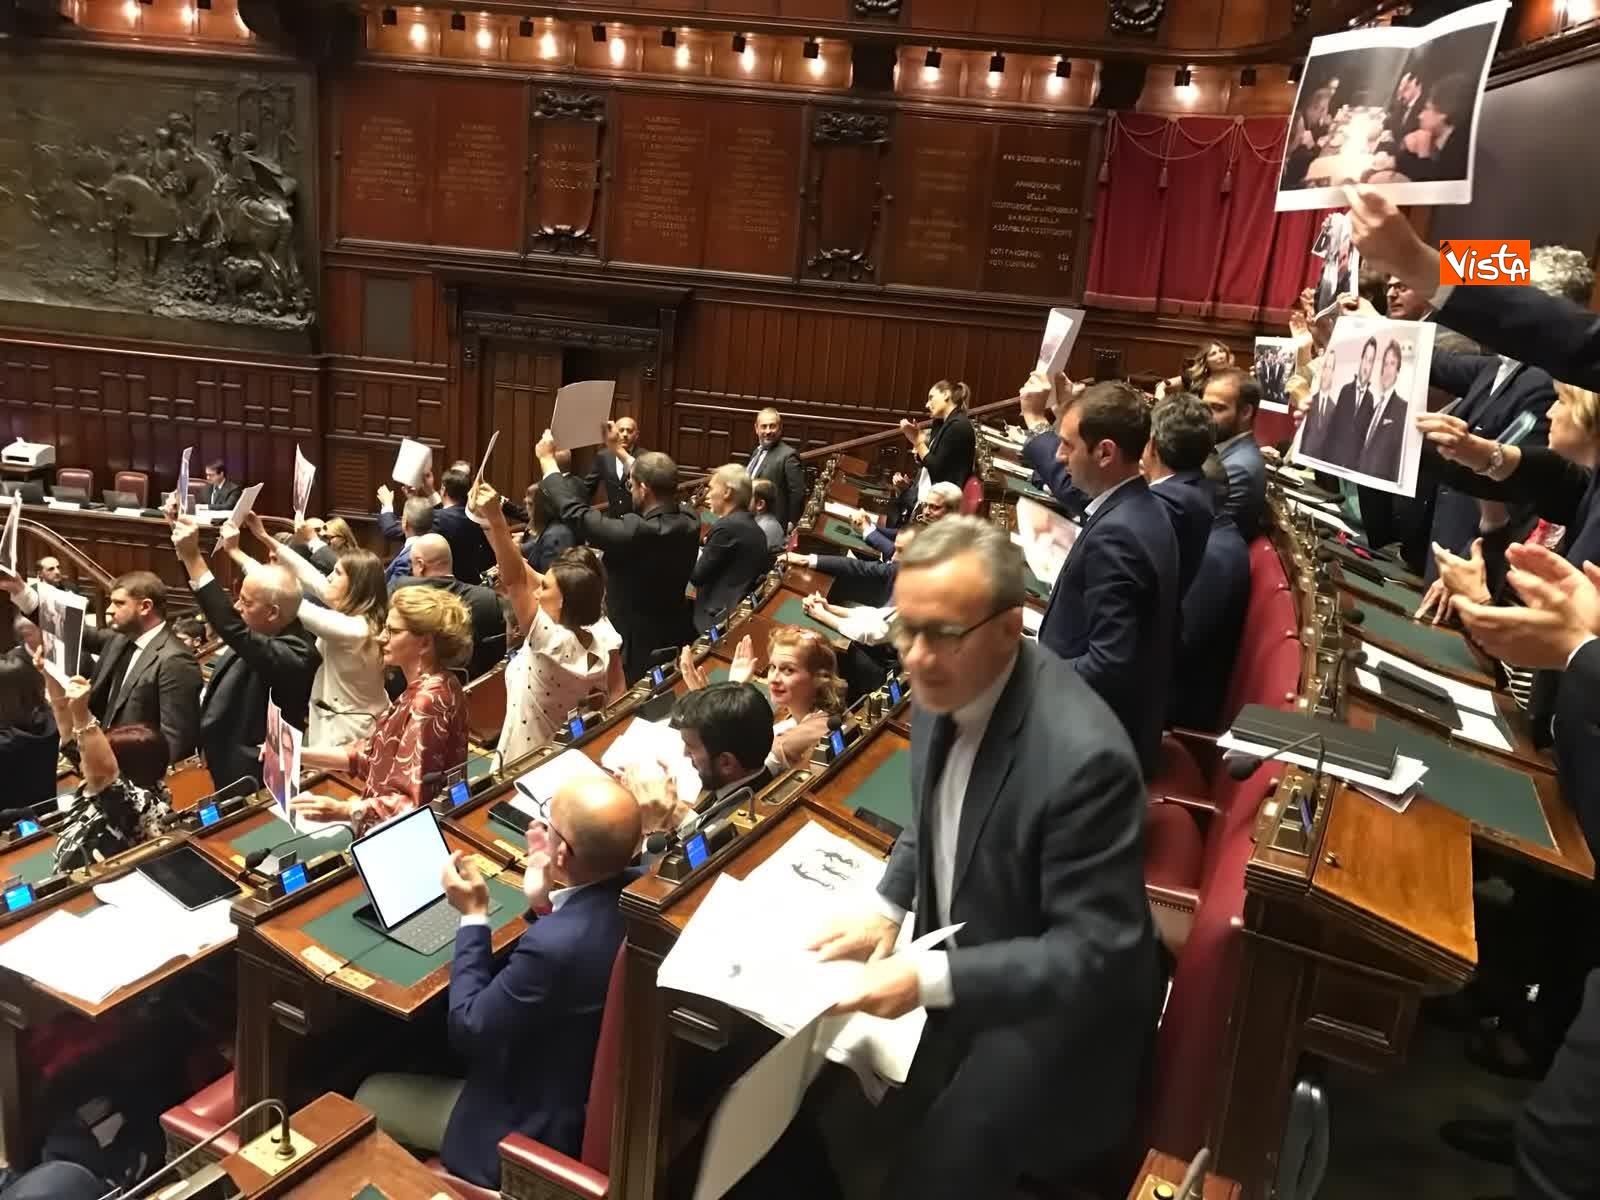 16-07-19 Caso Russia, protesta del PD in Aula, i deputati alzano foto di Salvini e Savoini insieme_06